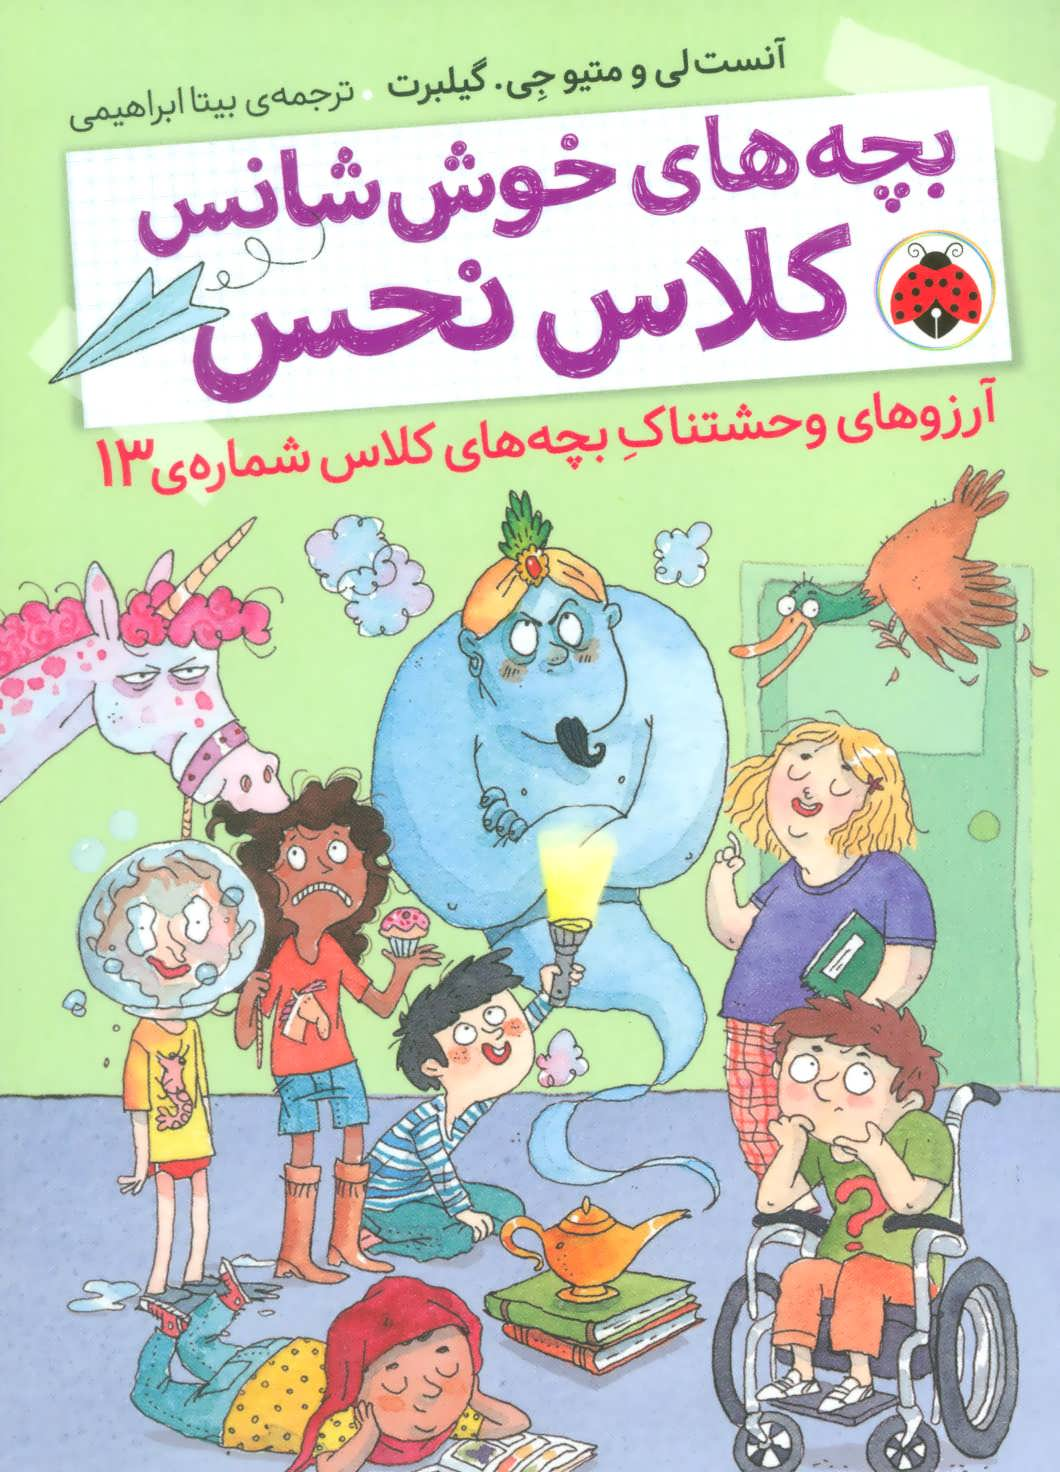 کتاب بچه های خوش شانس کلاس نحس 2